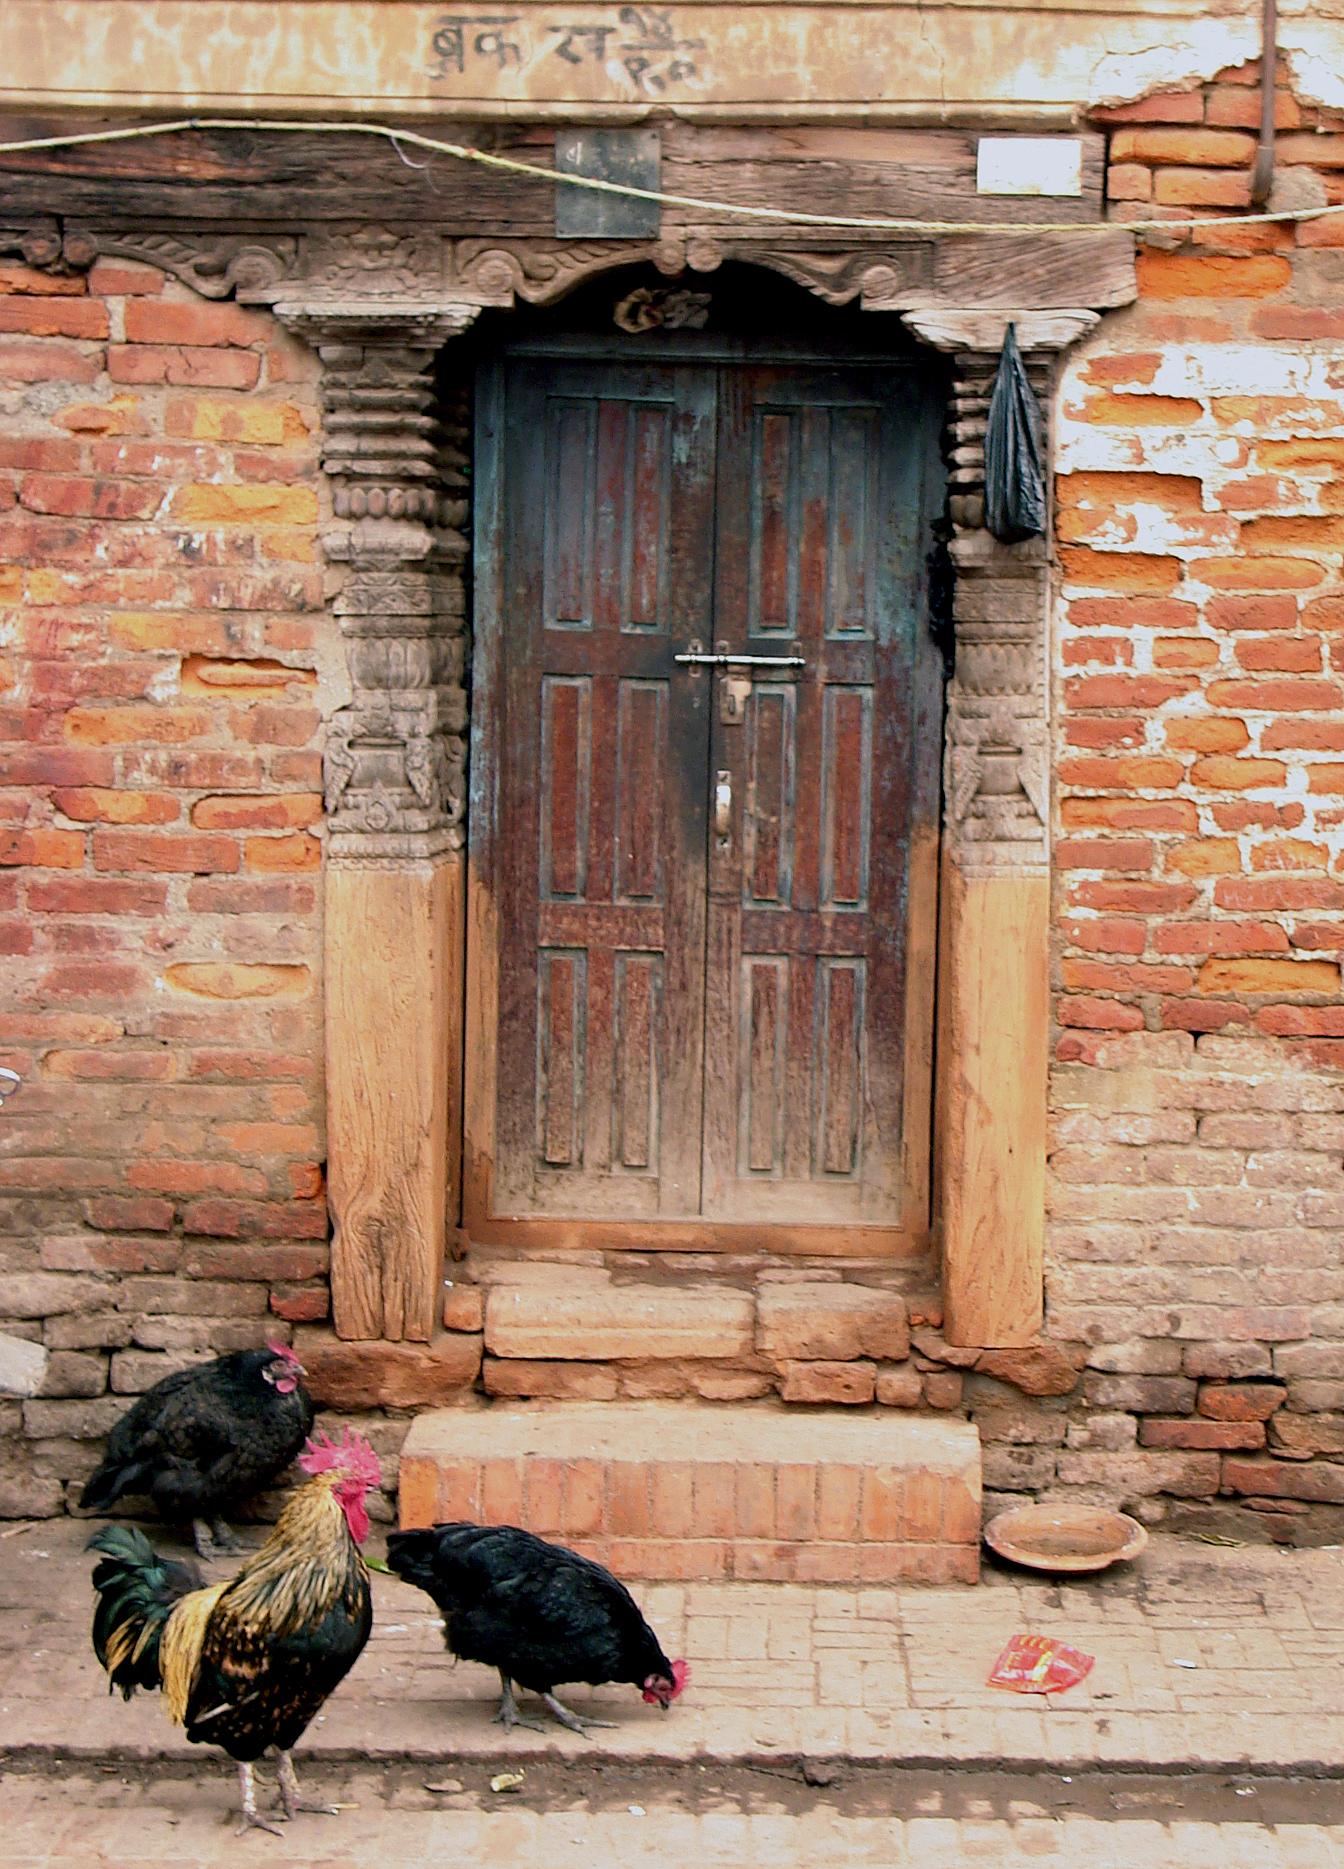 ANCIENT BUILDINGS IN KATHMANDU